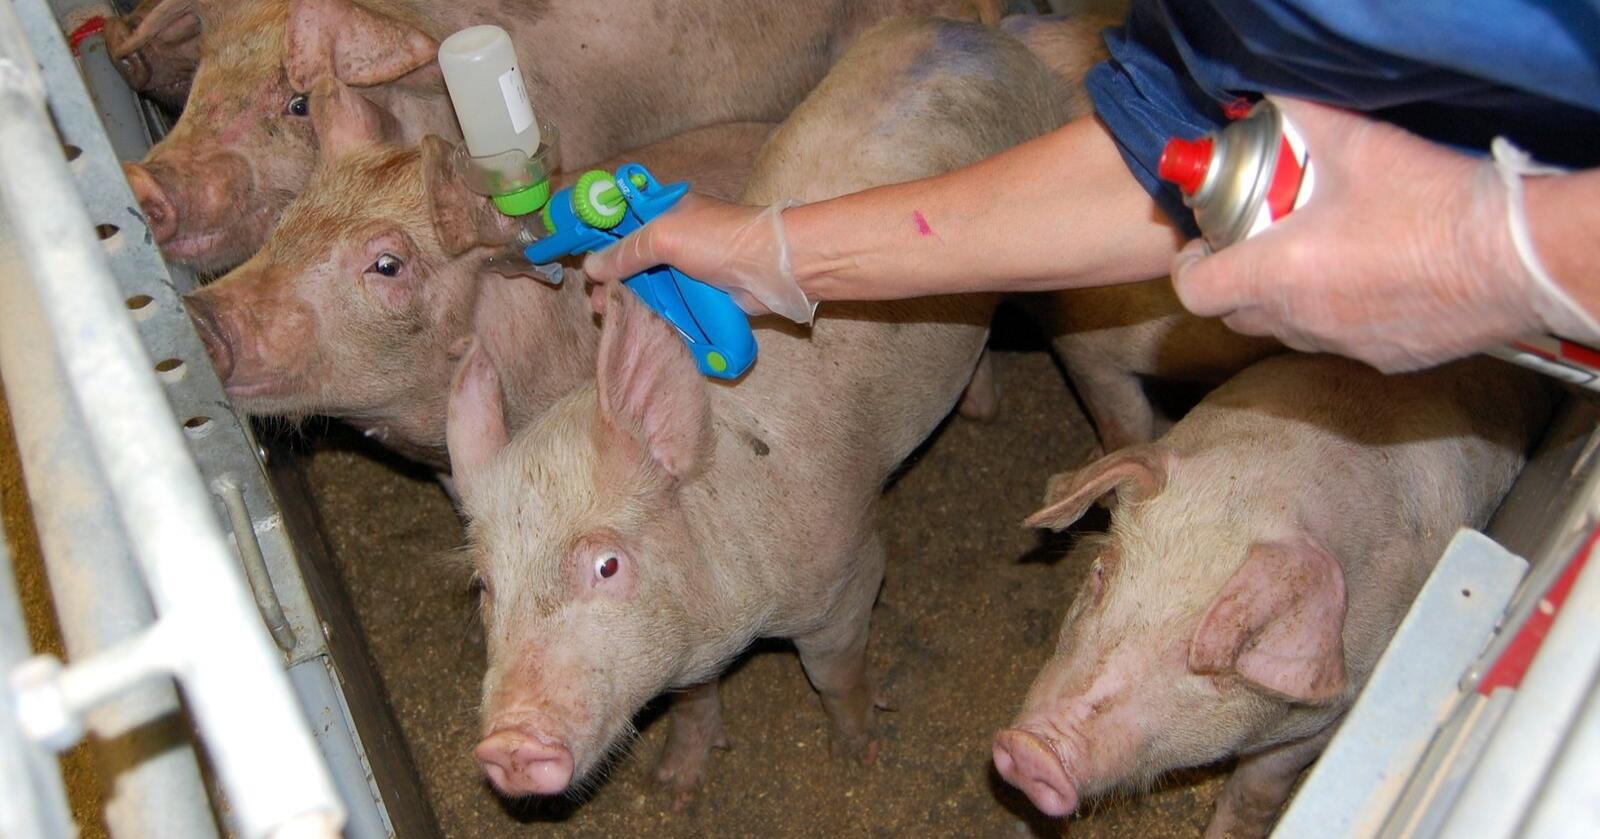 Afrikansk svinepest har rammet Asia knallhardt. En ny prototyp-vaksine gir nå flere håp for den globale svineproduksjonen. (Illustrasjonsfoto: Animalia)